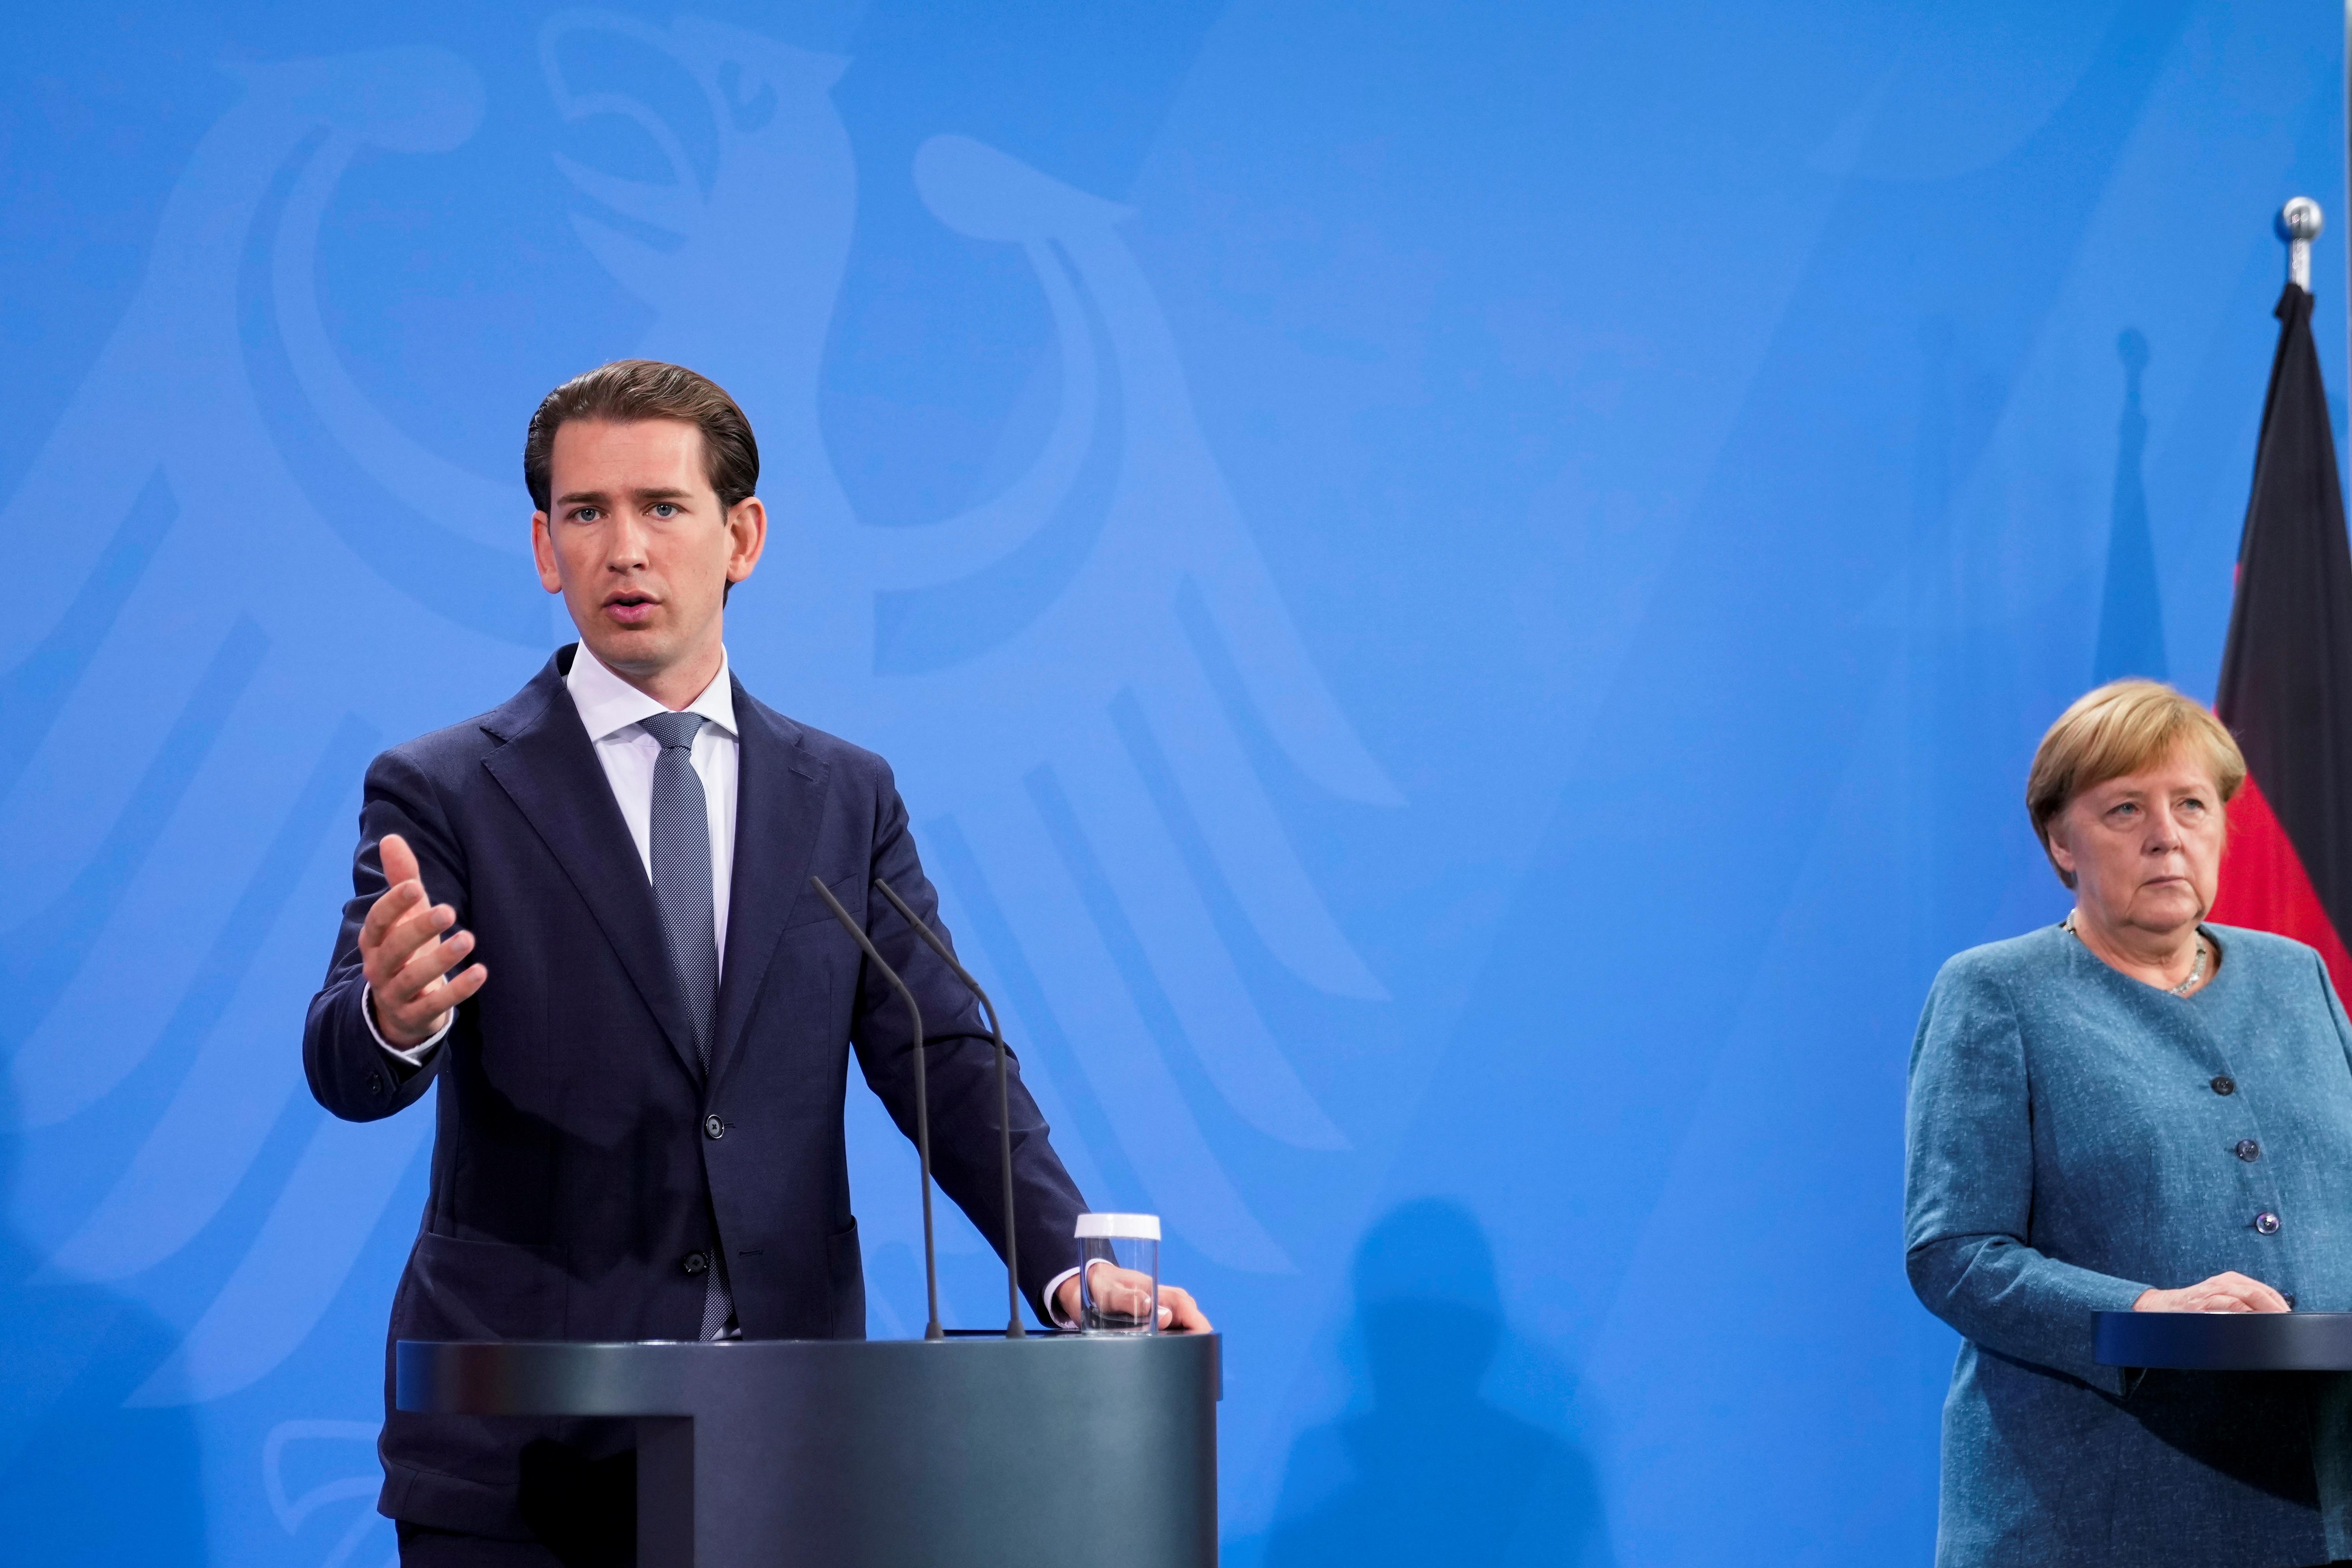 Η Γερμανίδα Καγκελάριος Άνγκελα Μέρκελ και ο Καγκελάριος της Αυστρίας Σεμπάστιαν Κουρτς παρευρίσκονται σε συνέντευξη Τύπου πριν από μια συνάντηση στην καγκελαρία στο Βερολίνο, Γερμανία 31 Αυγούστου 2021. Markus Schreiber/Pool via REUTERS